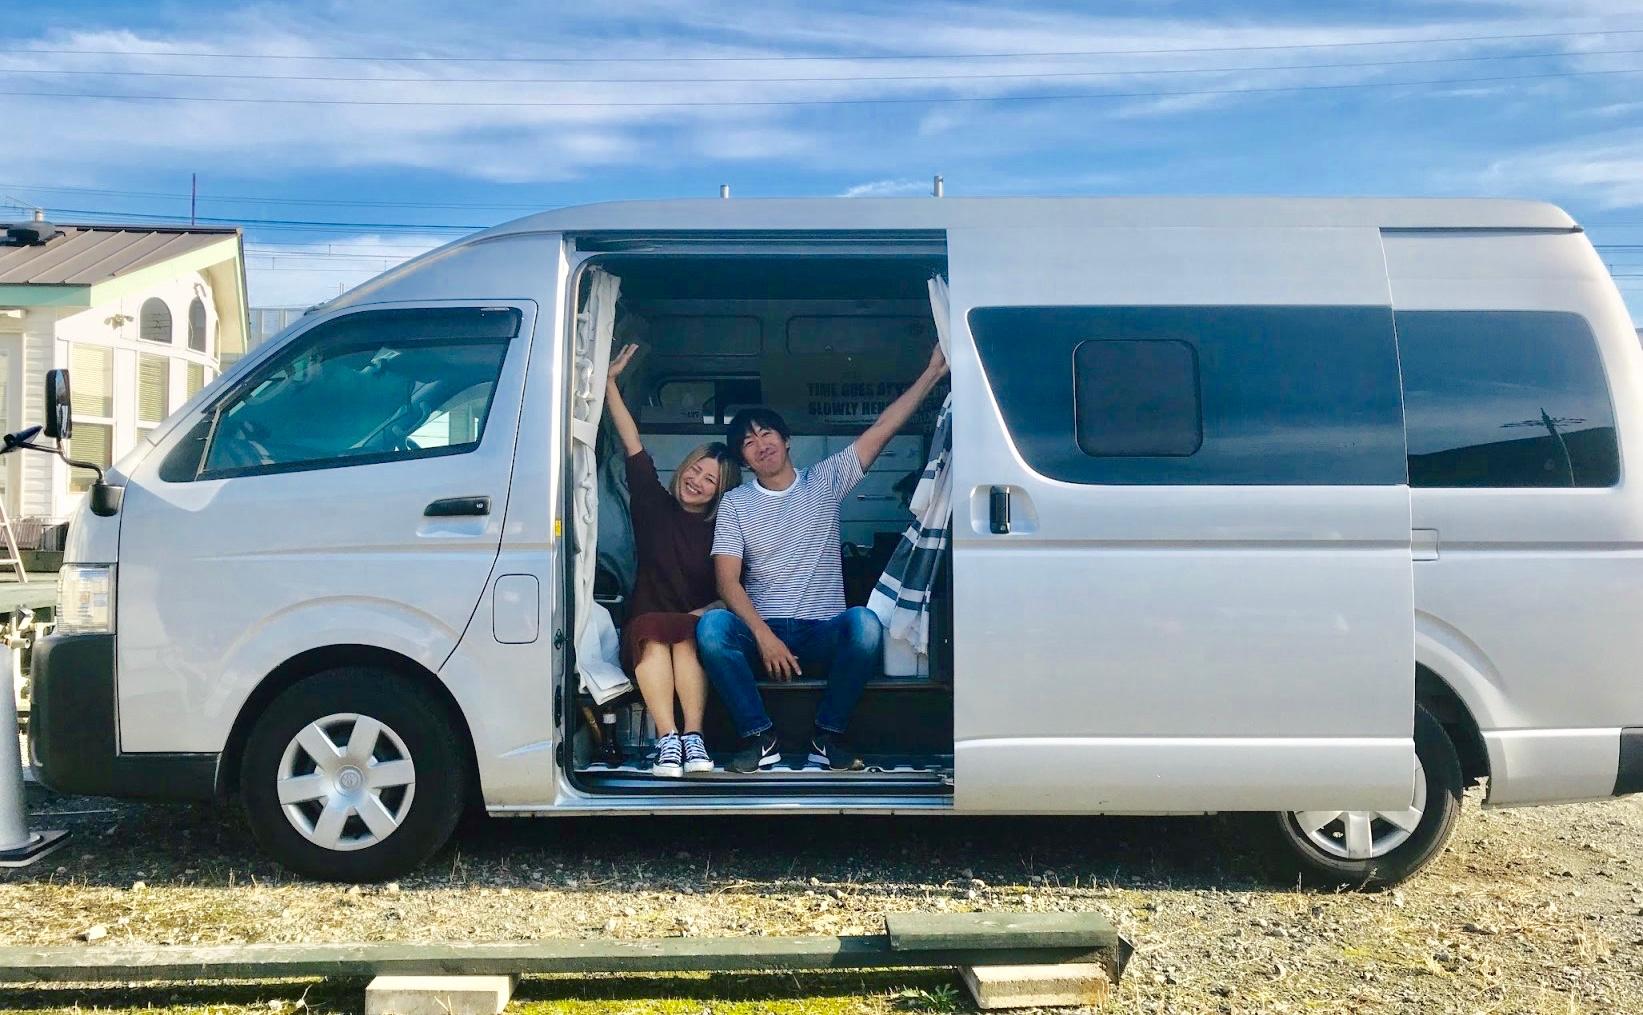 琵琶湖近くでトレーラーハウスに囲まれて車中泊!「DenDenVillage」をミチトライフがご紹介